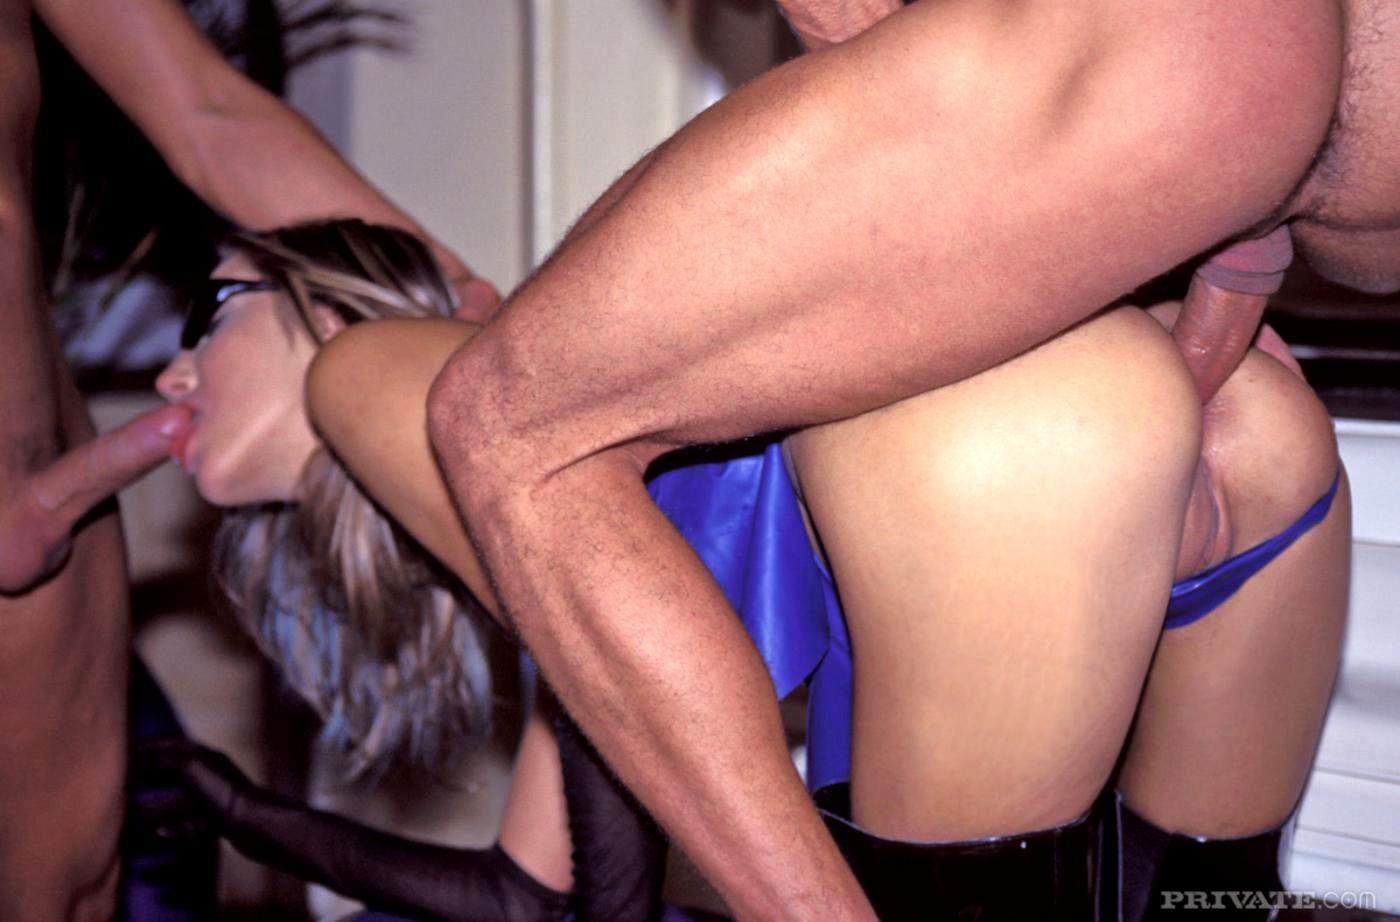 Руссо сандра порно, Голая порно звезда Sandra Russo - смотреть онлайн 199 25 фотография